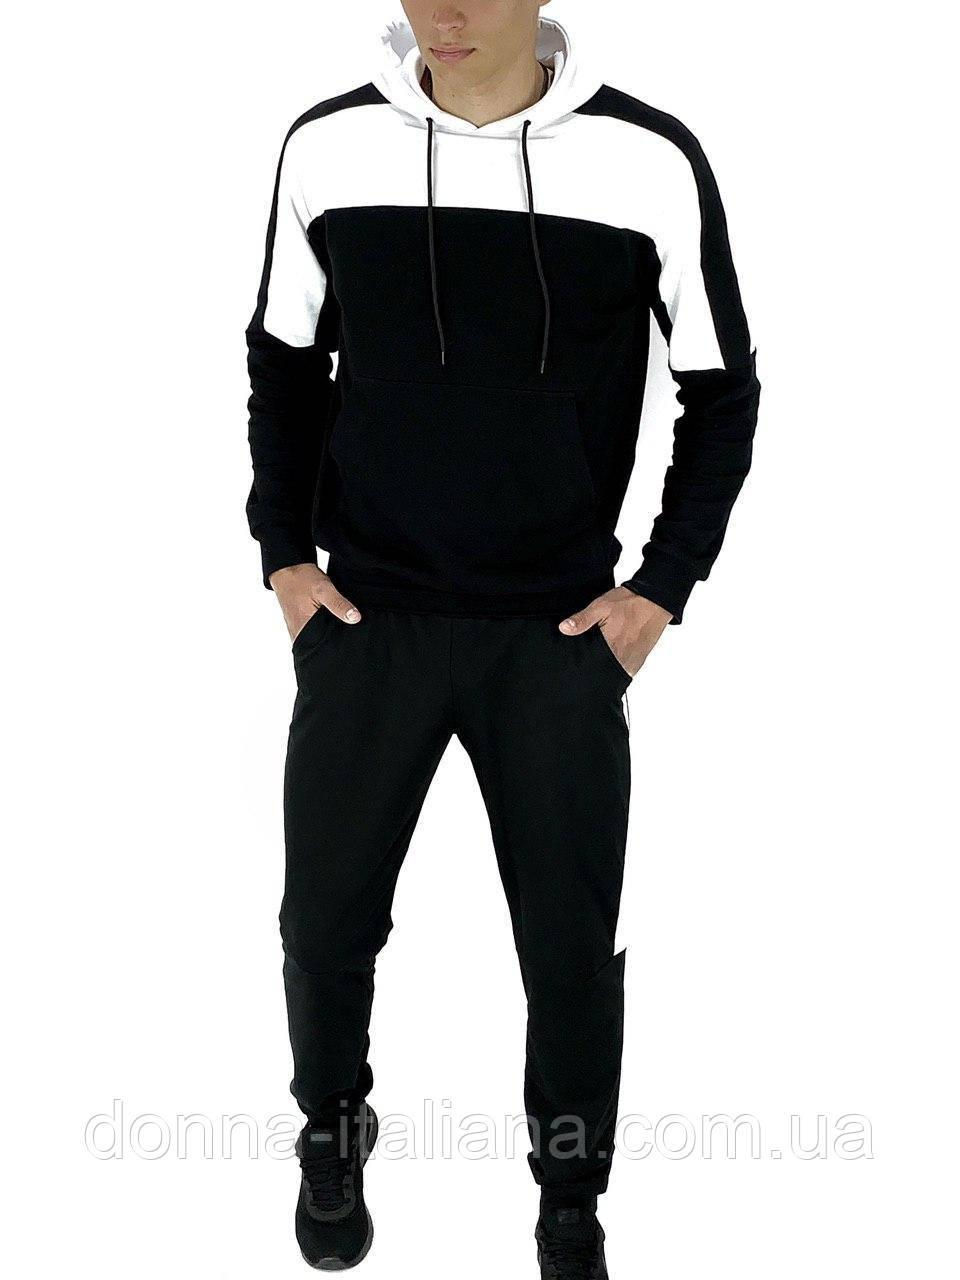 Спортивний костюм Intruder Spirited XL Чорно-білий (1586893869/ 4)